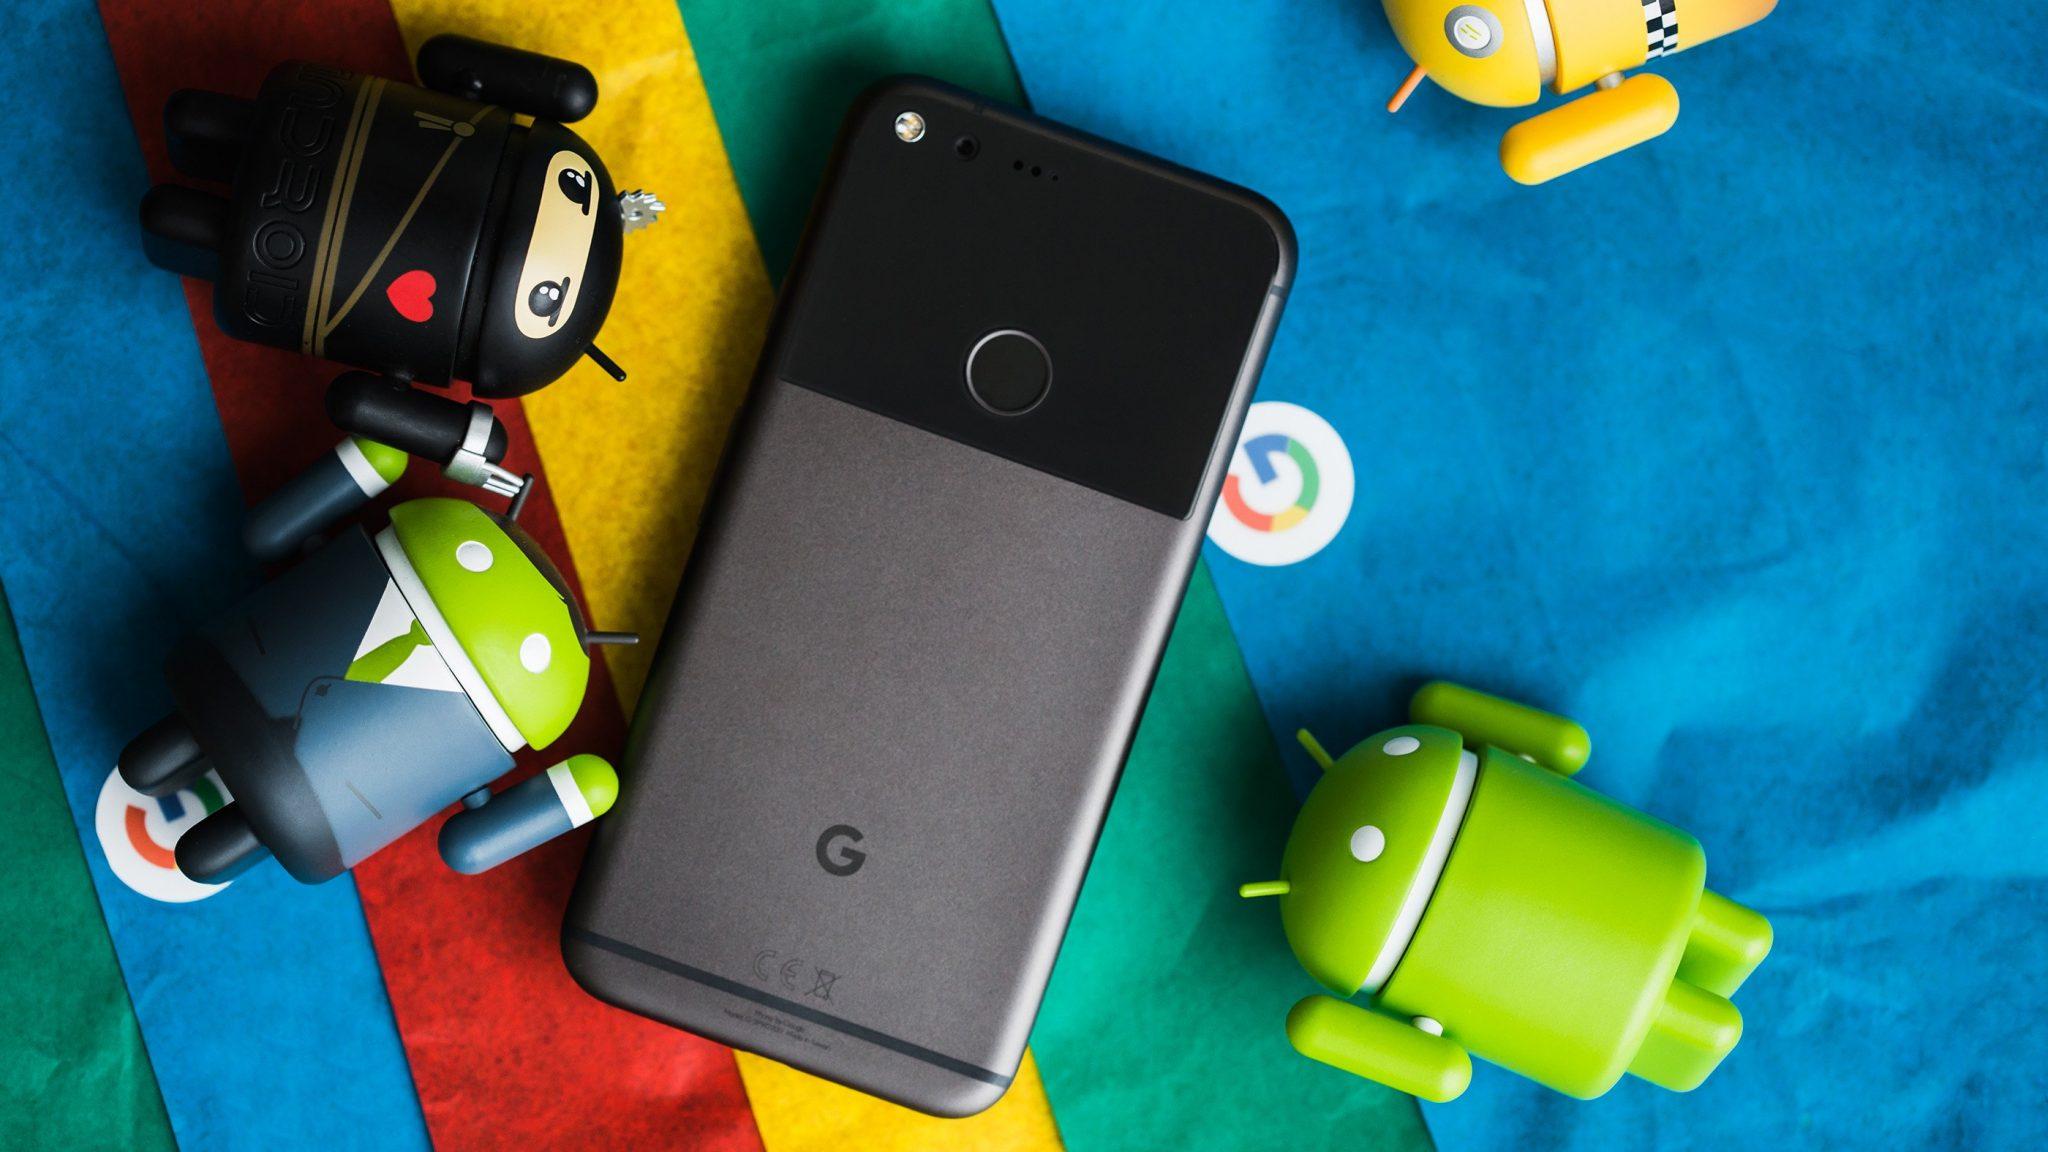 اپ های گوگل